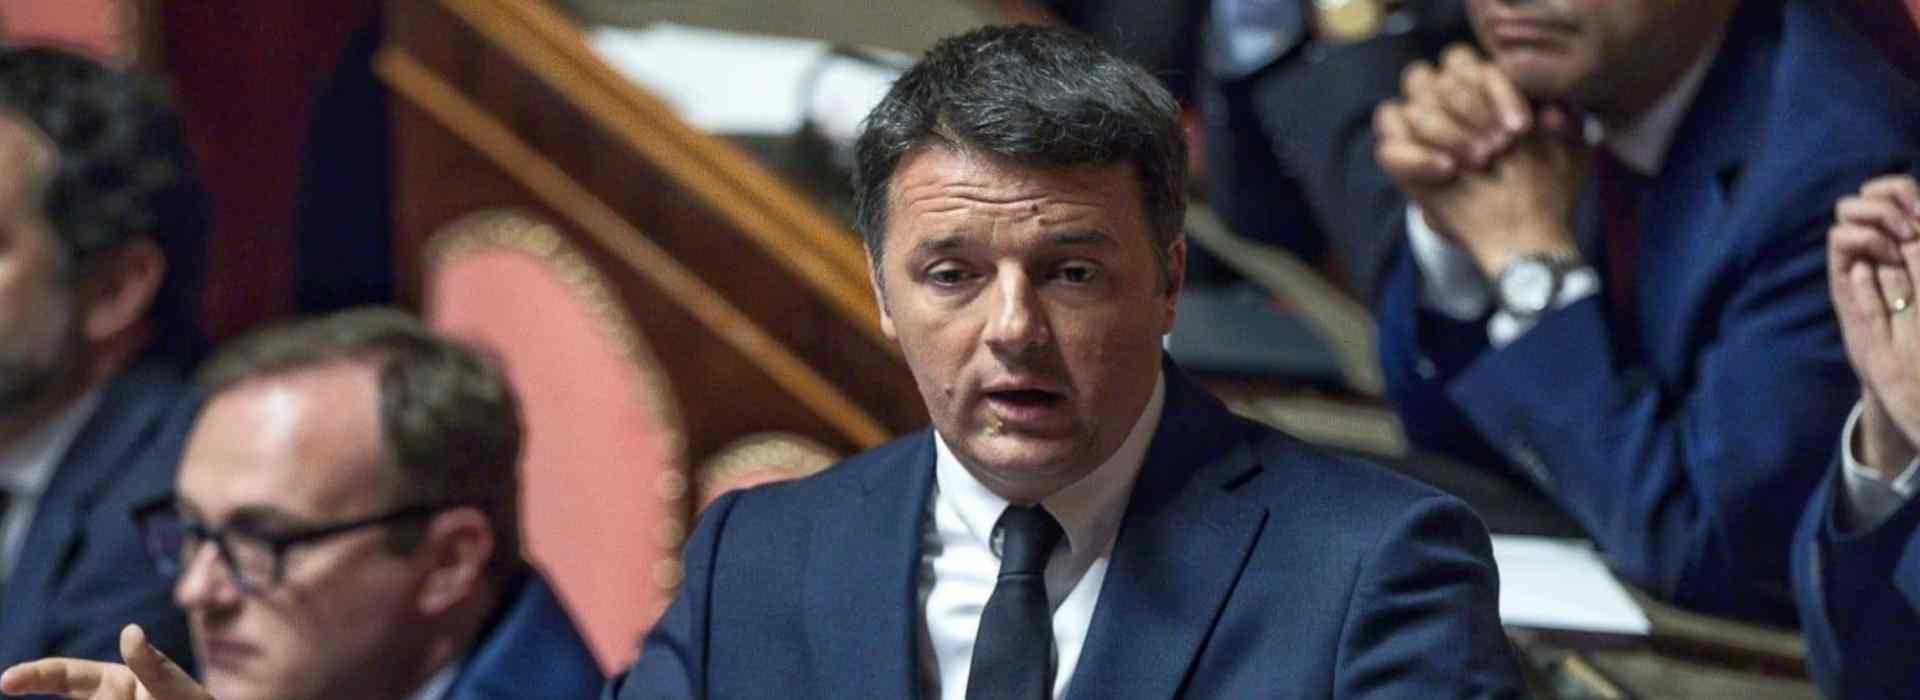 """Renzi querela Davigo: """"vediamo ora cosa faranno i giudici"""""""